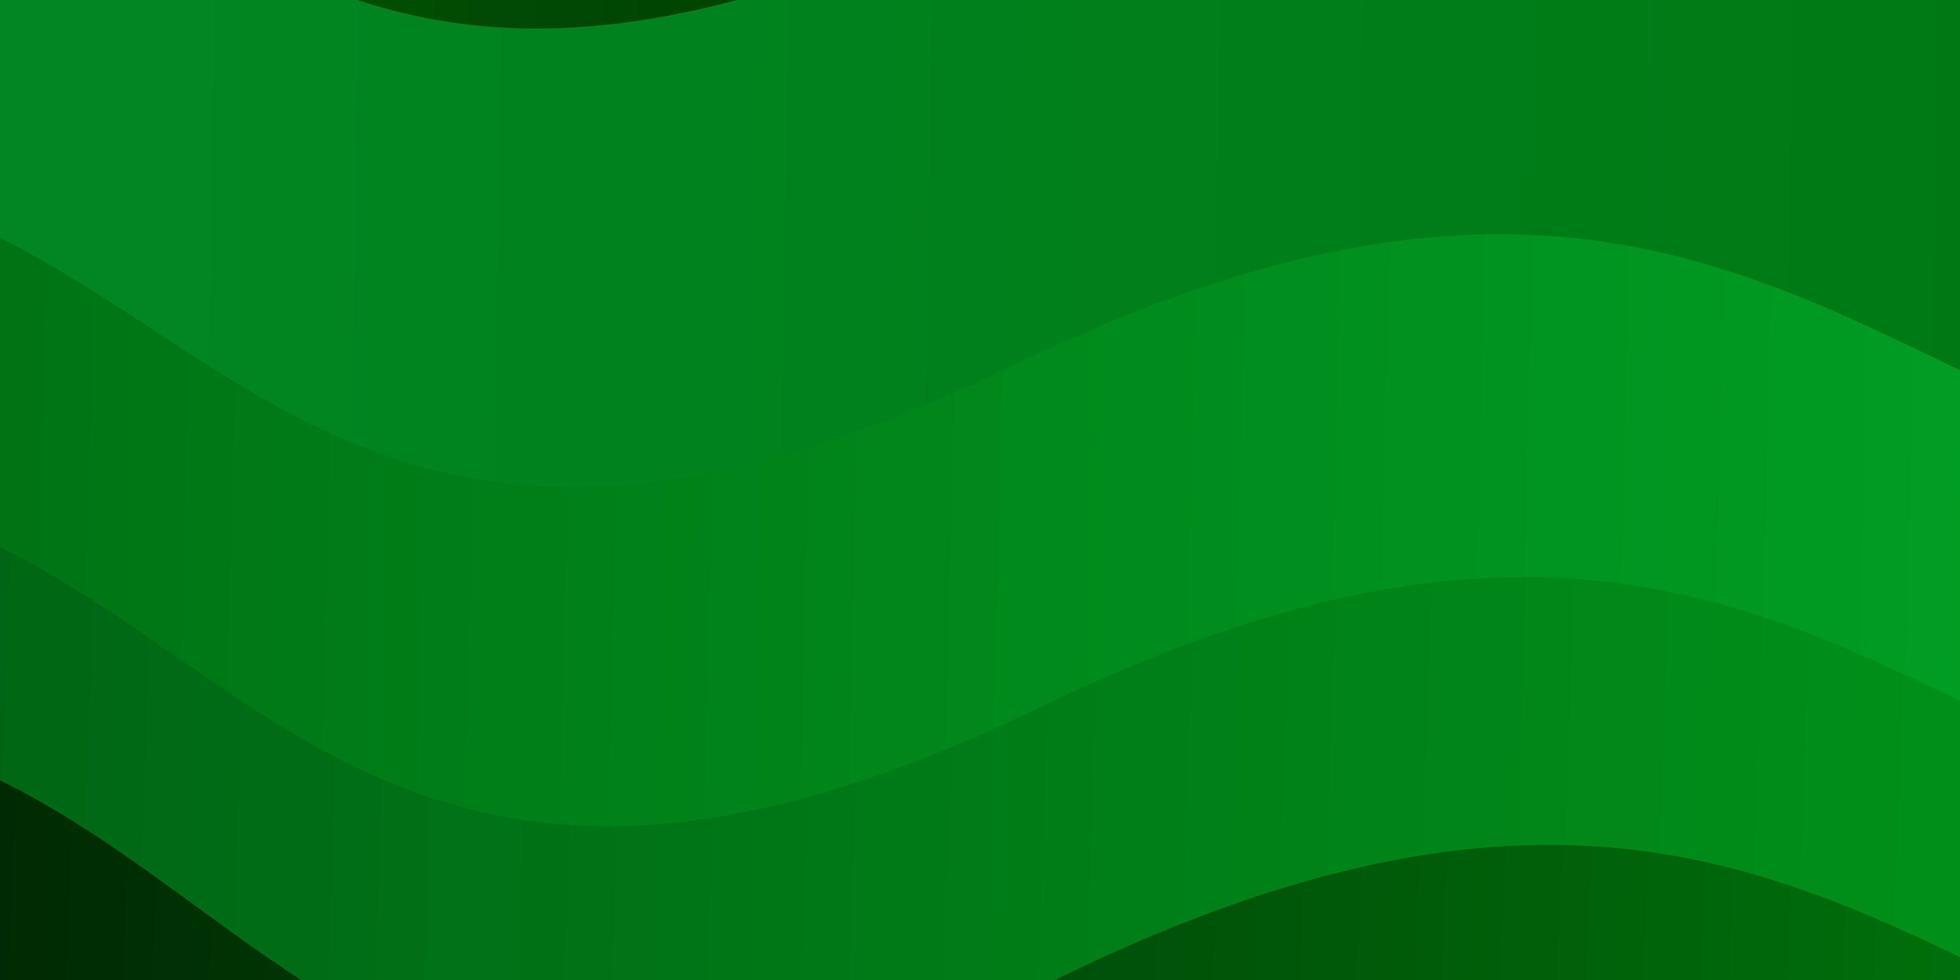 ljusgrön bakgrund med böjda linjer. vektor